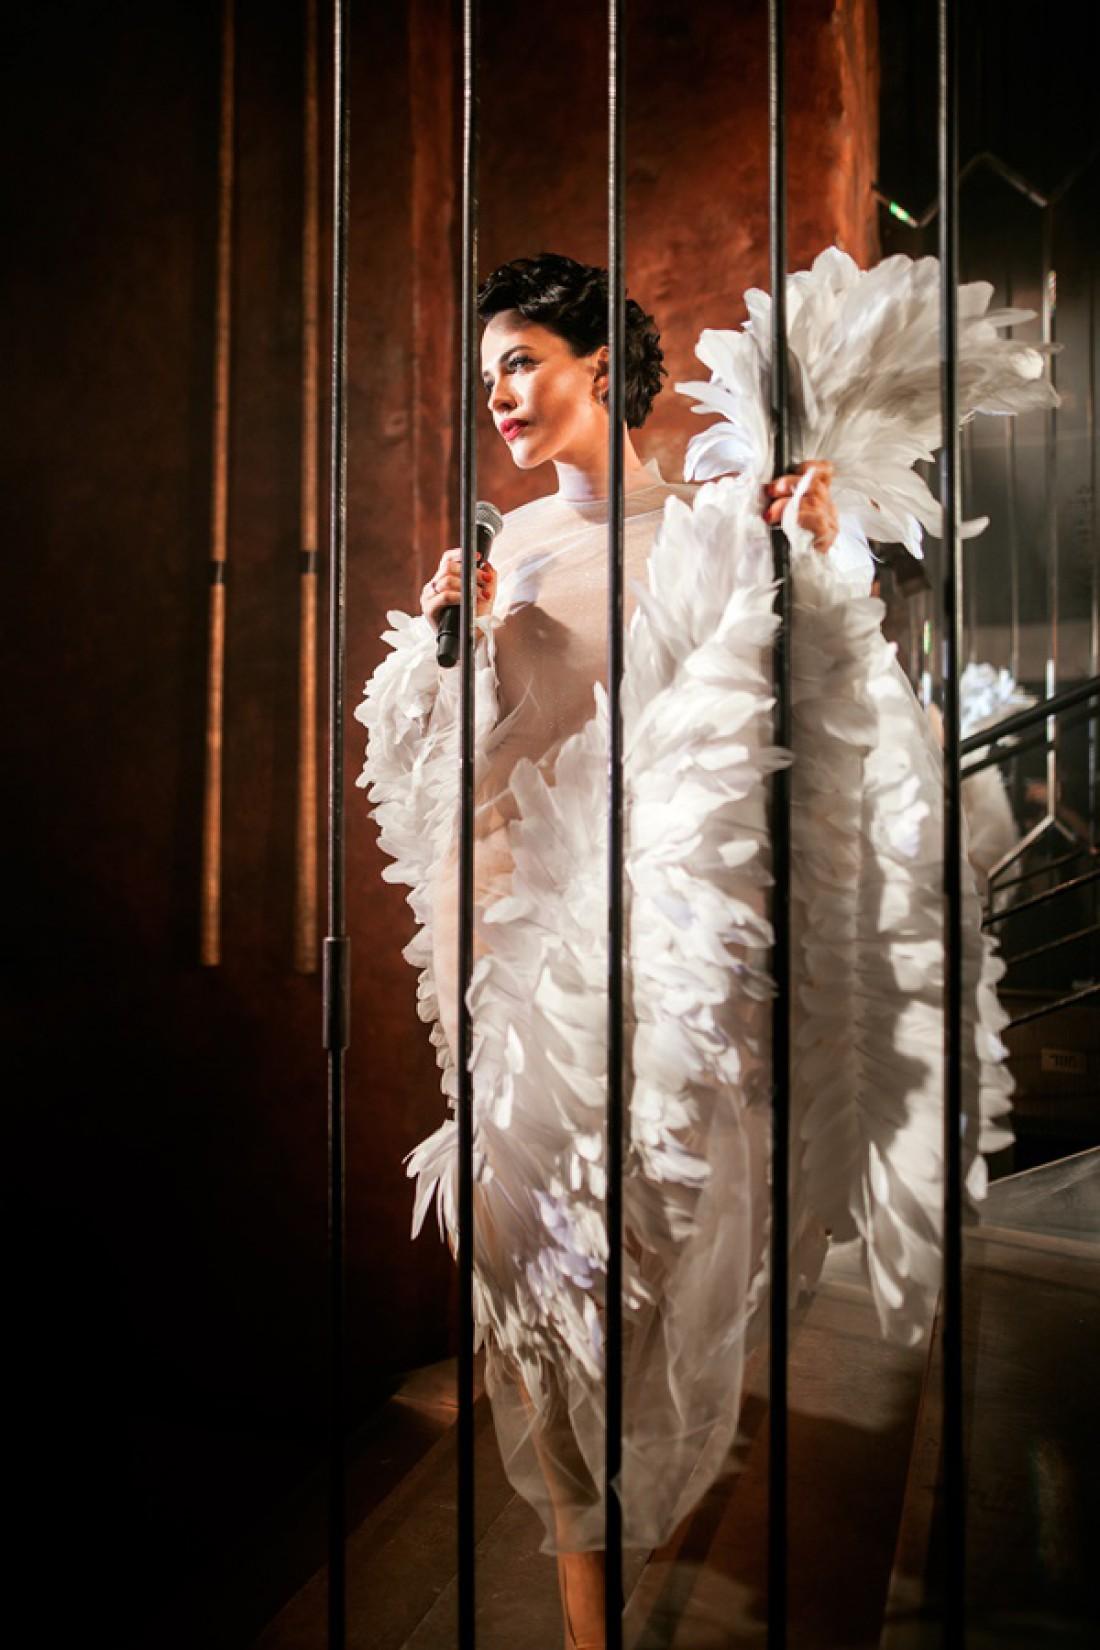 Даша Астафьева в образе белого лебедя